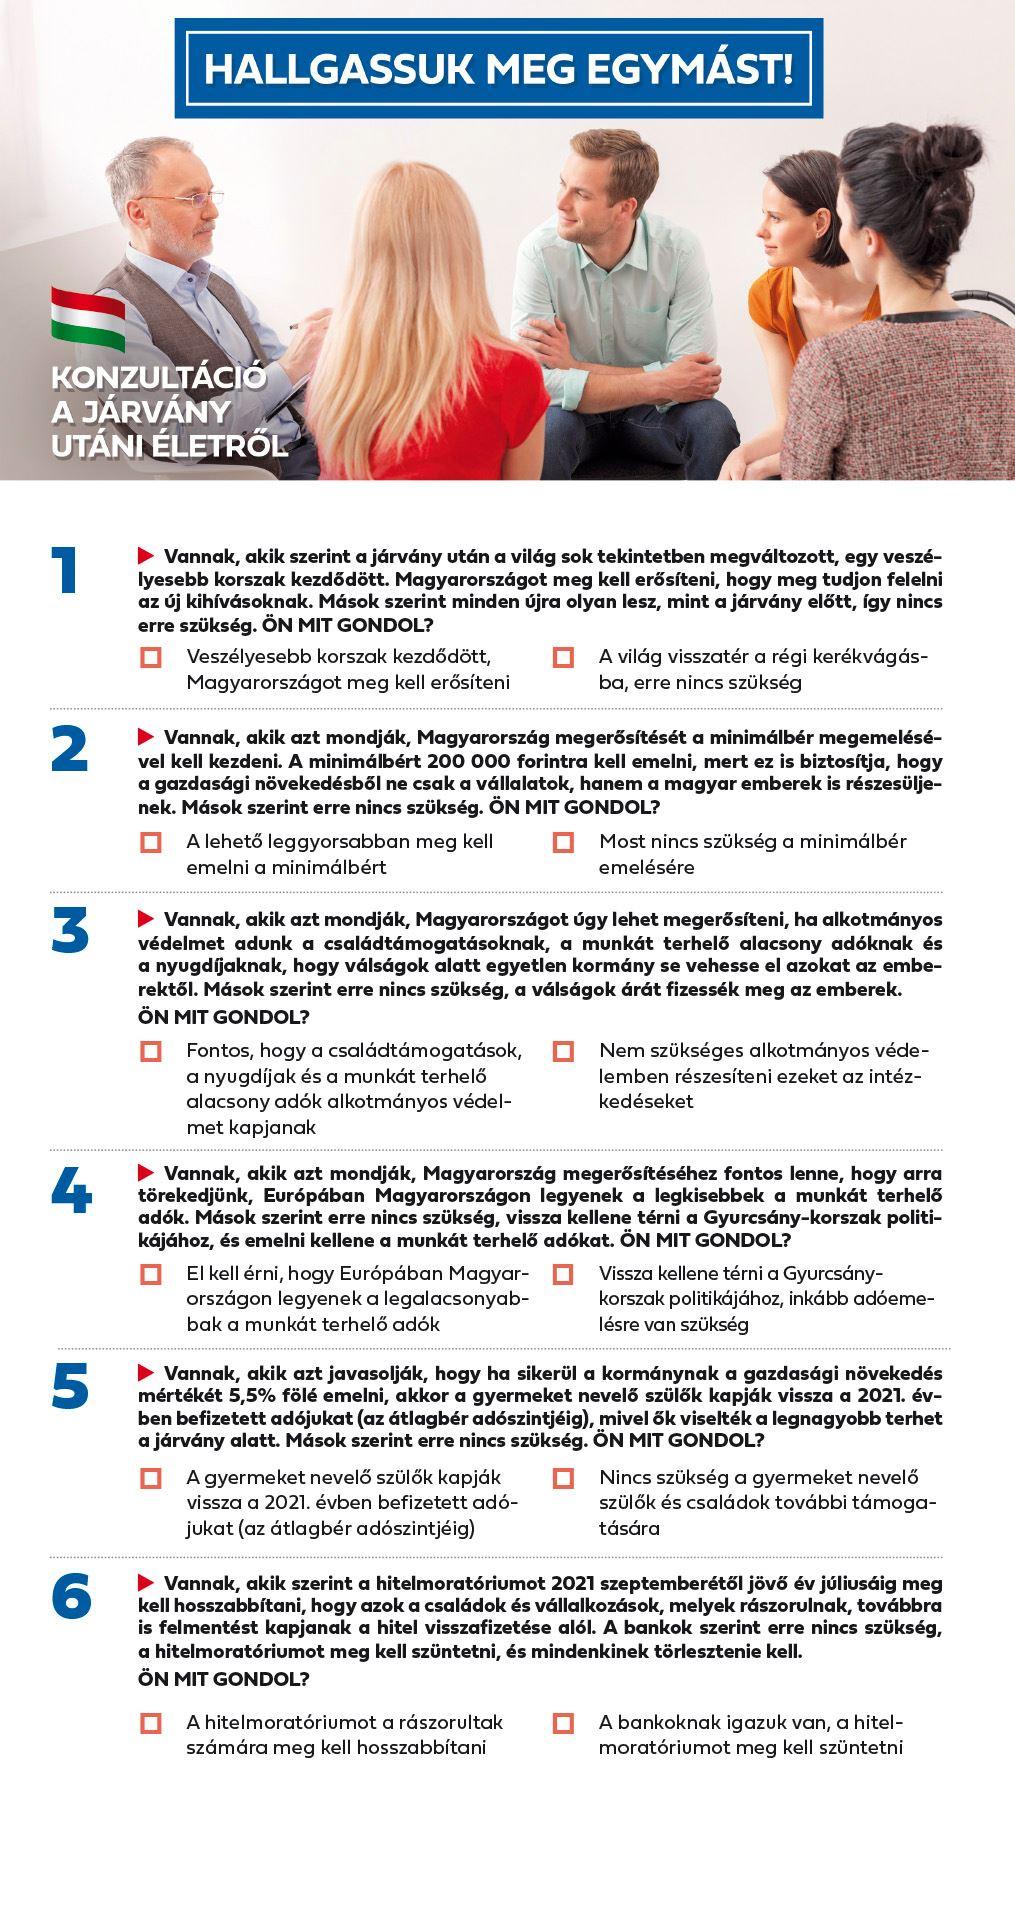 A kormány közzétette a nemzeti konzultáció összes kérdését - Ezekre várják a választ augusztus 25-ig